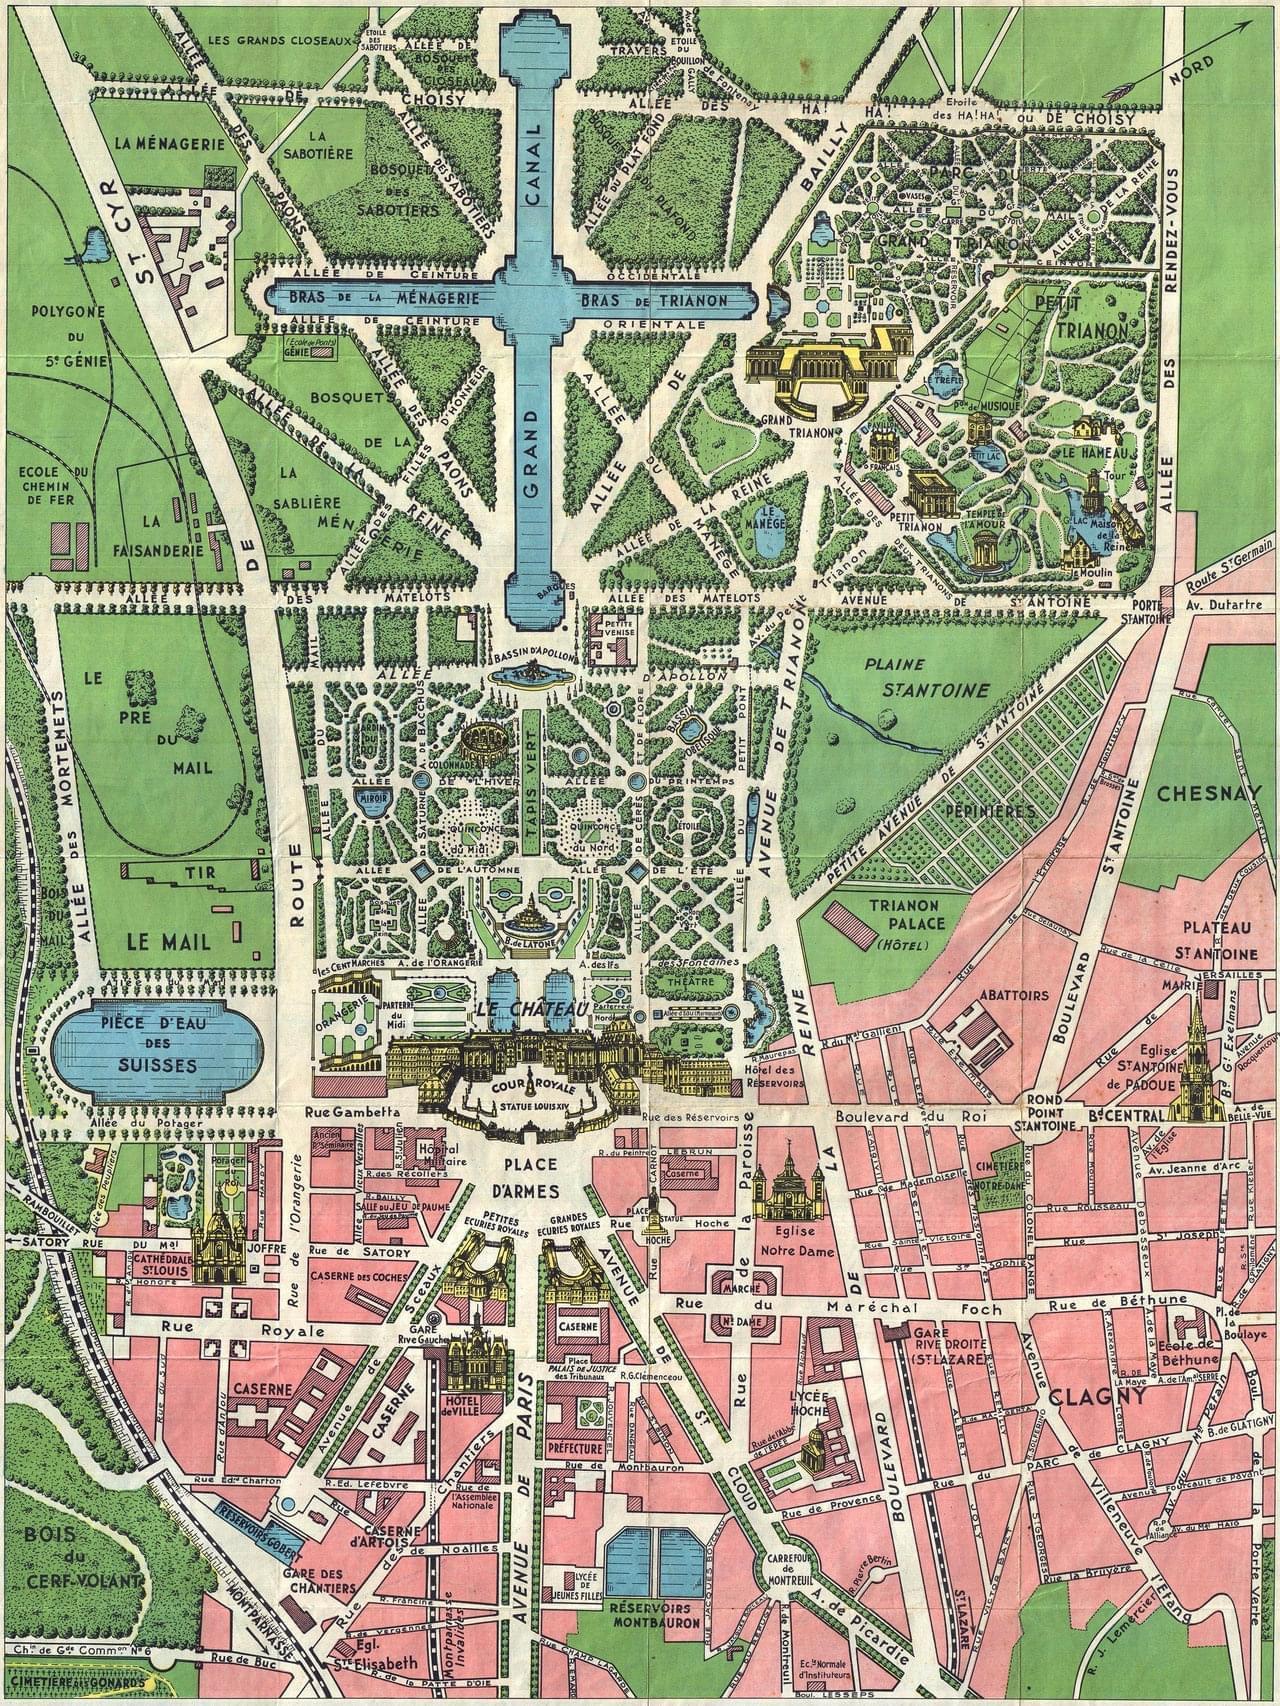 Photo Visiter Versailles avec le bon plan touristique